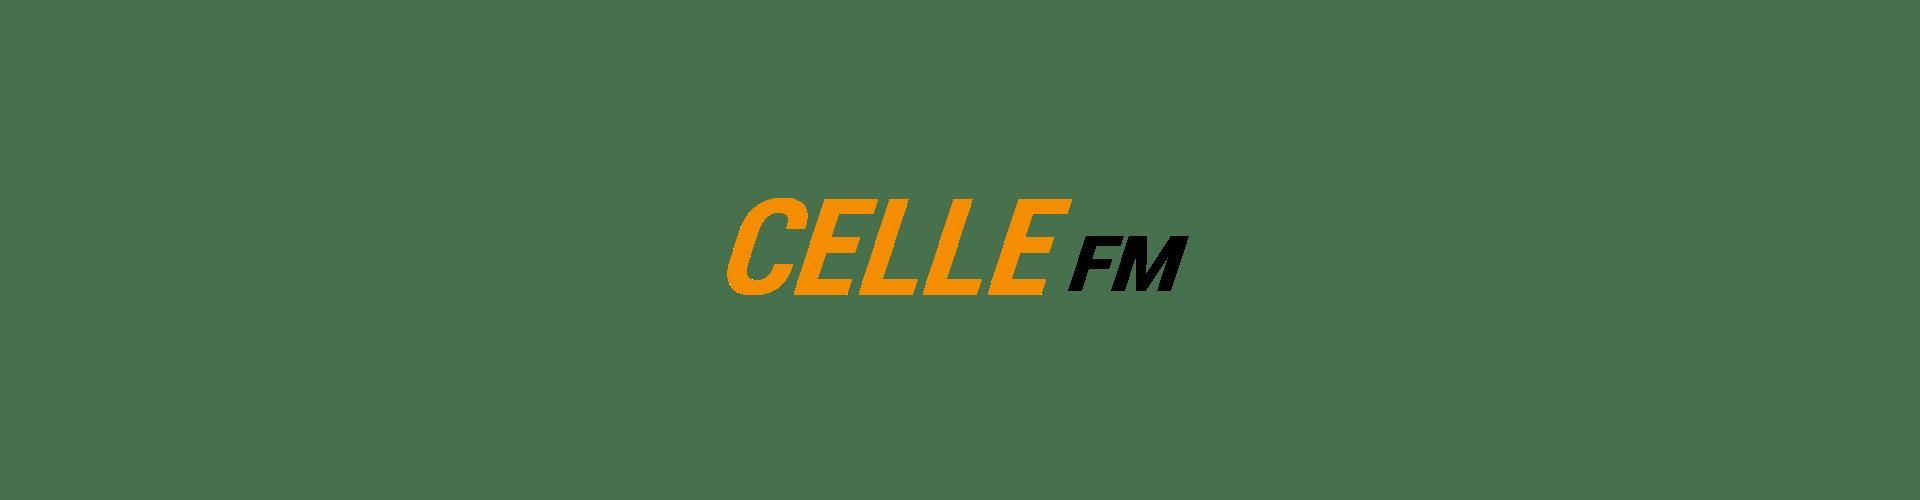 Celle FM